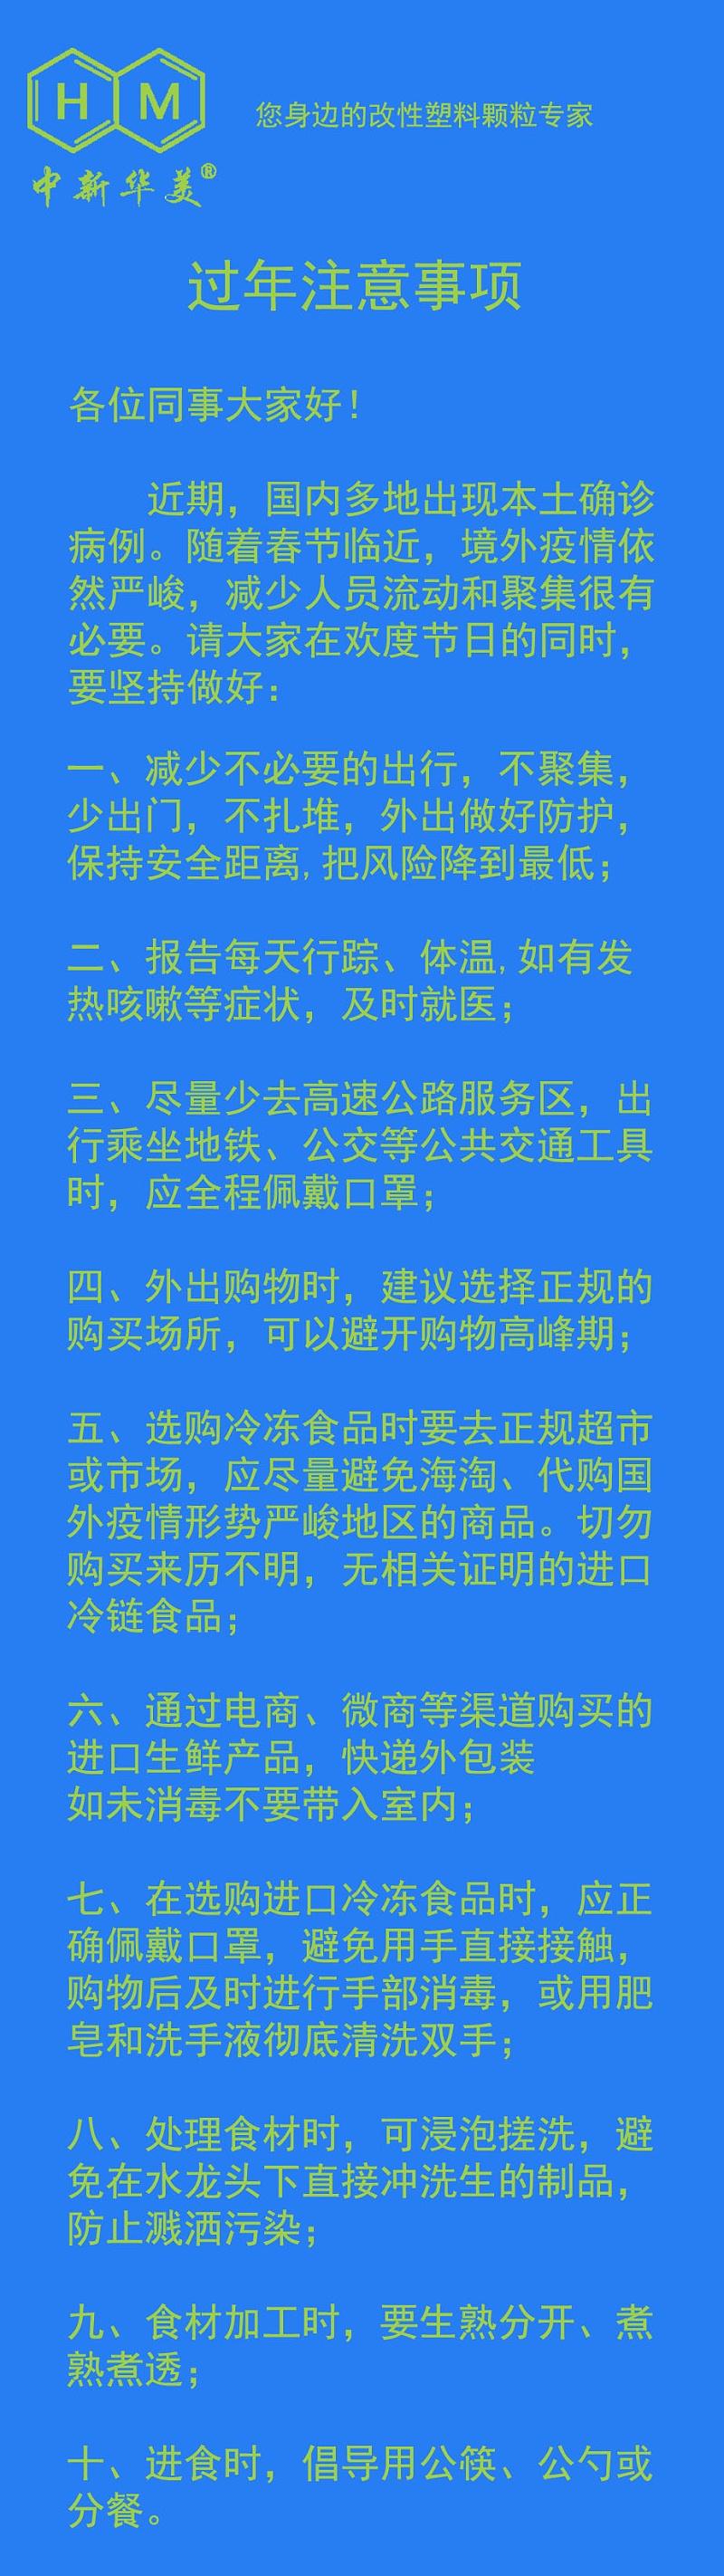 中新华美改性塑料温馨提示:过年注意事项